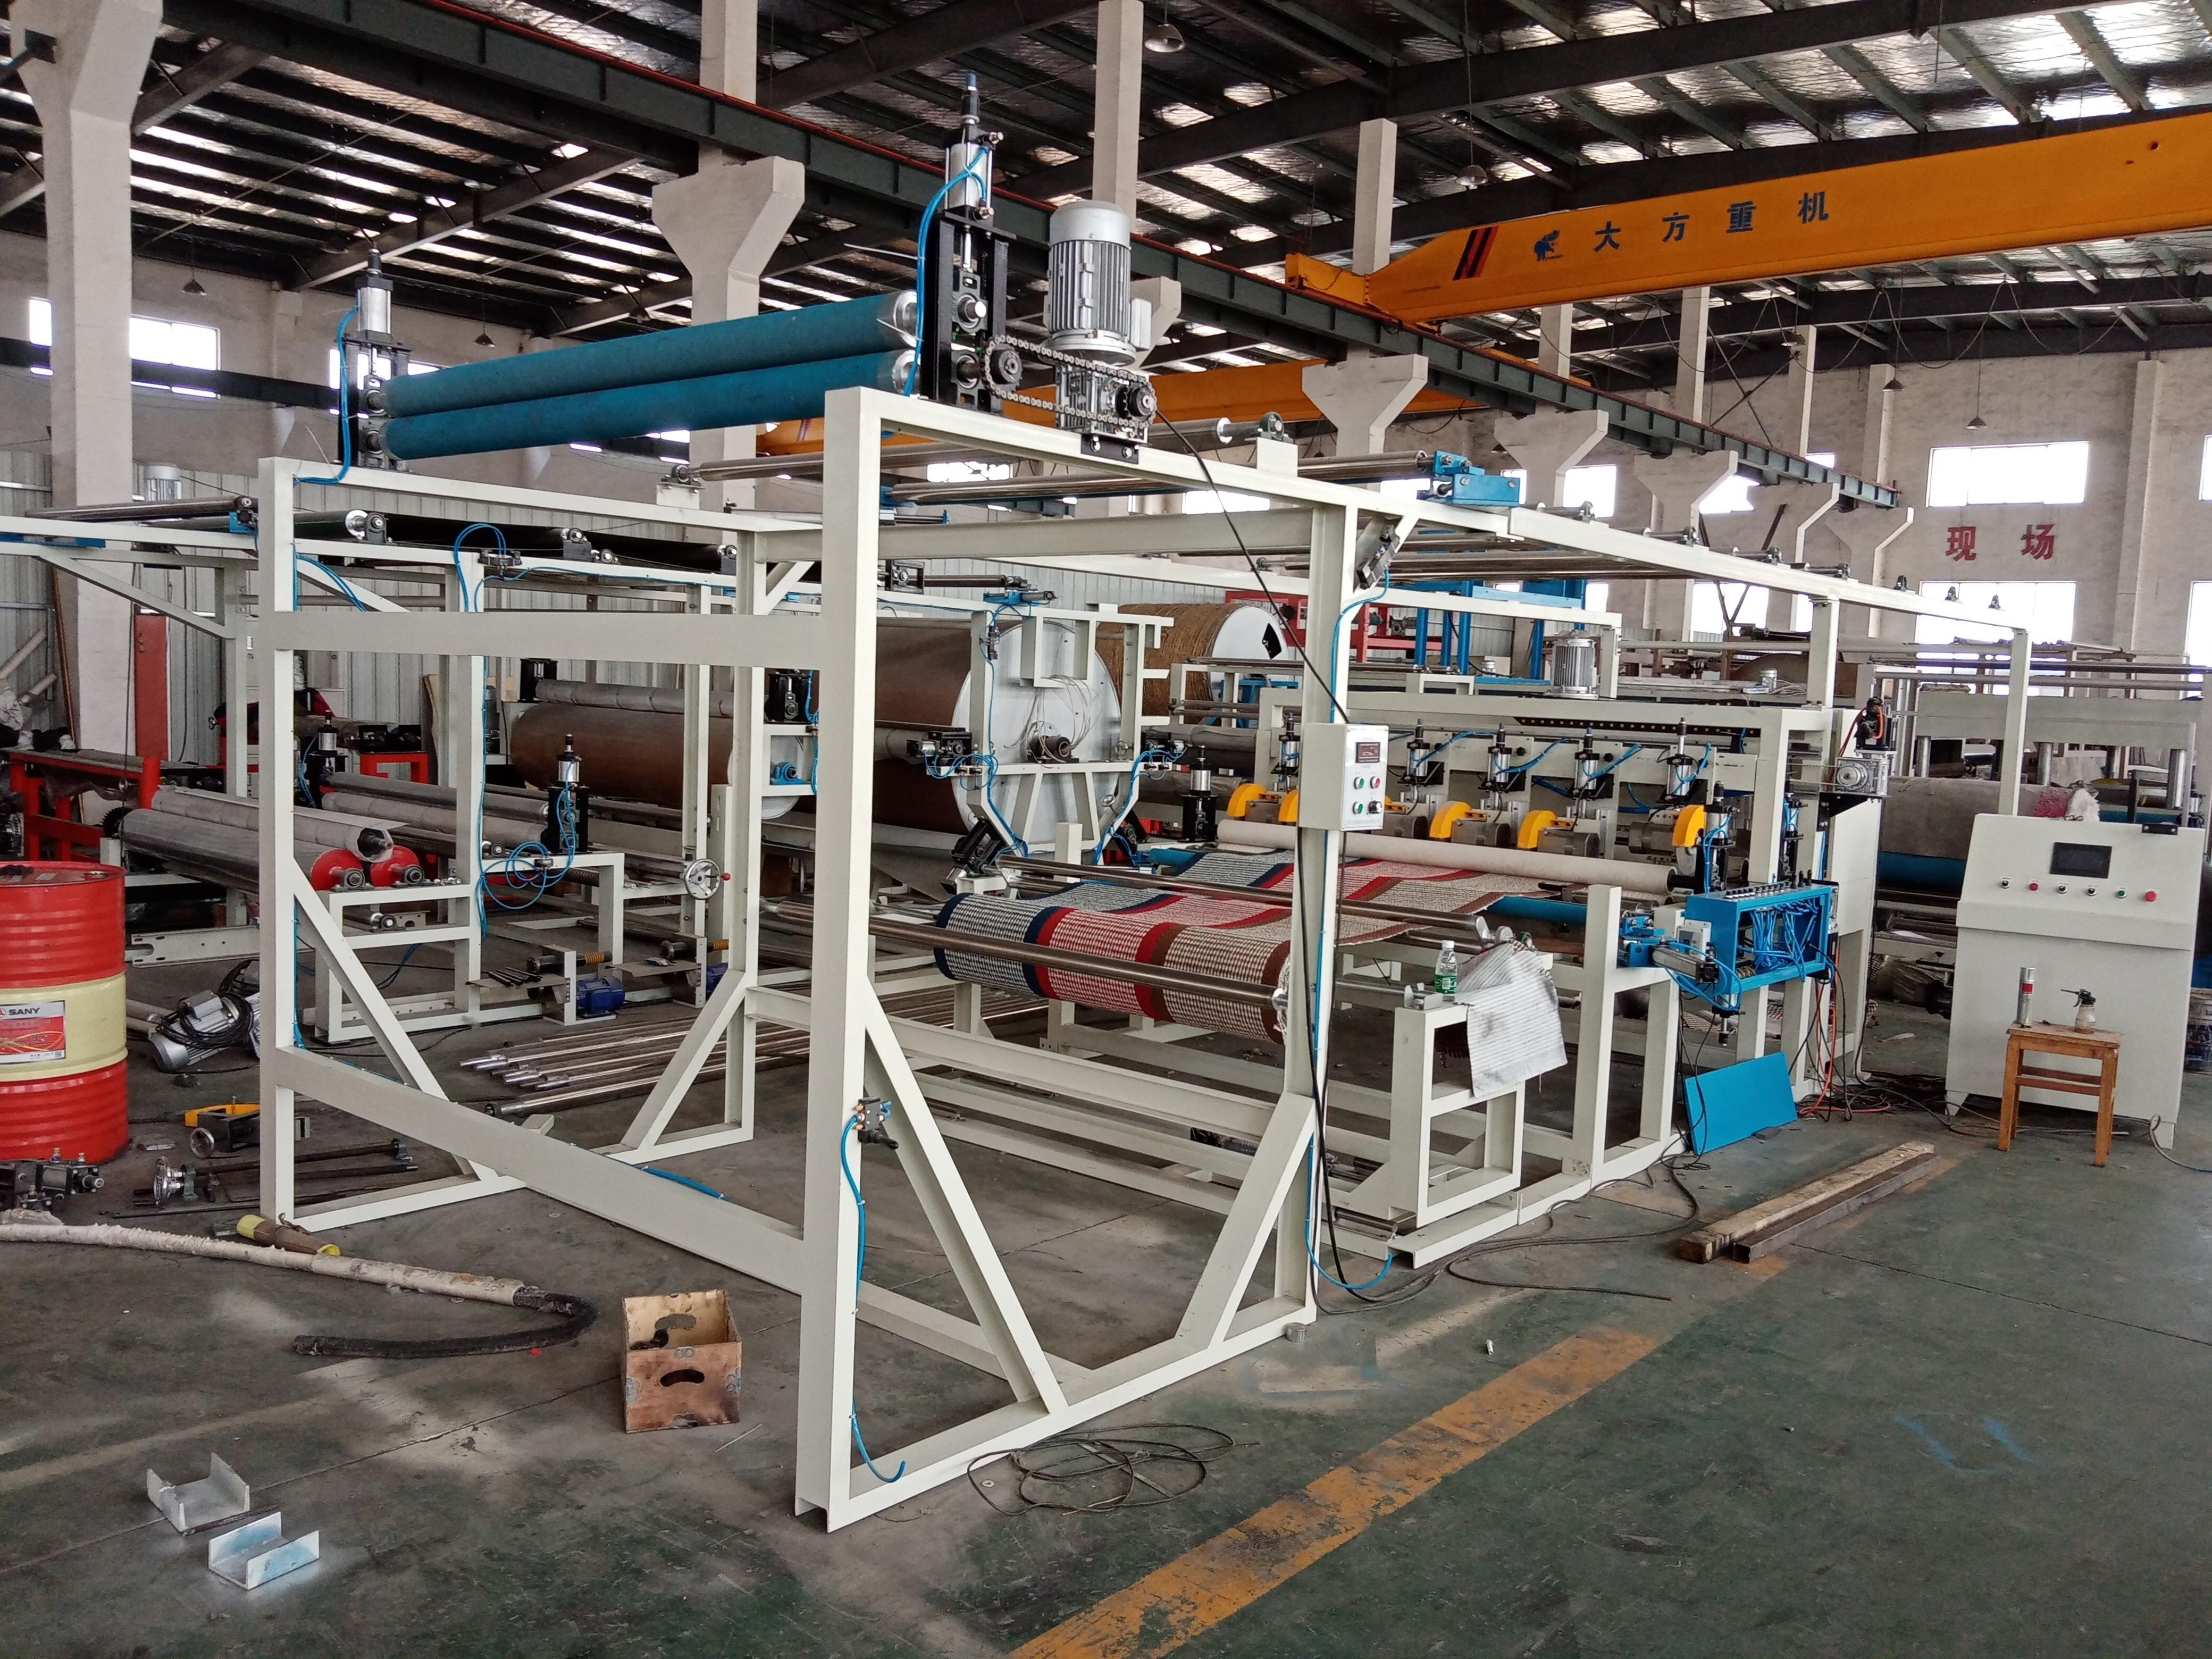 全自動分切機 面料分切 家紡切邊設備H1800 廠家供應 江蘇圣頓機械分切機生產廠家 支持在線定制示例圖5